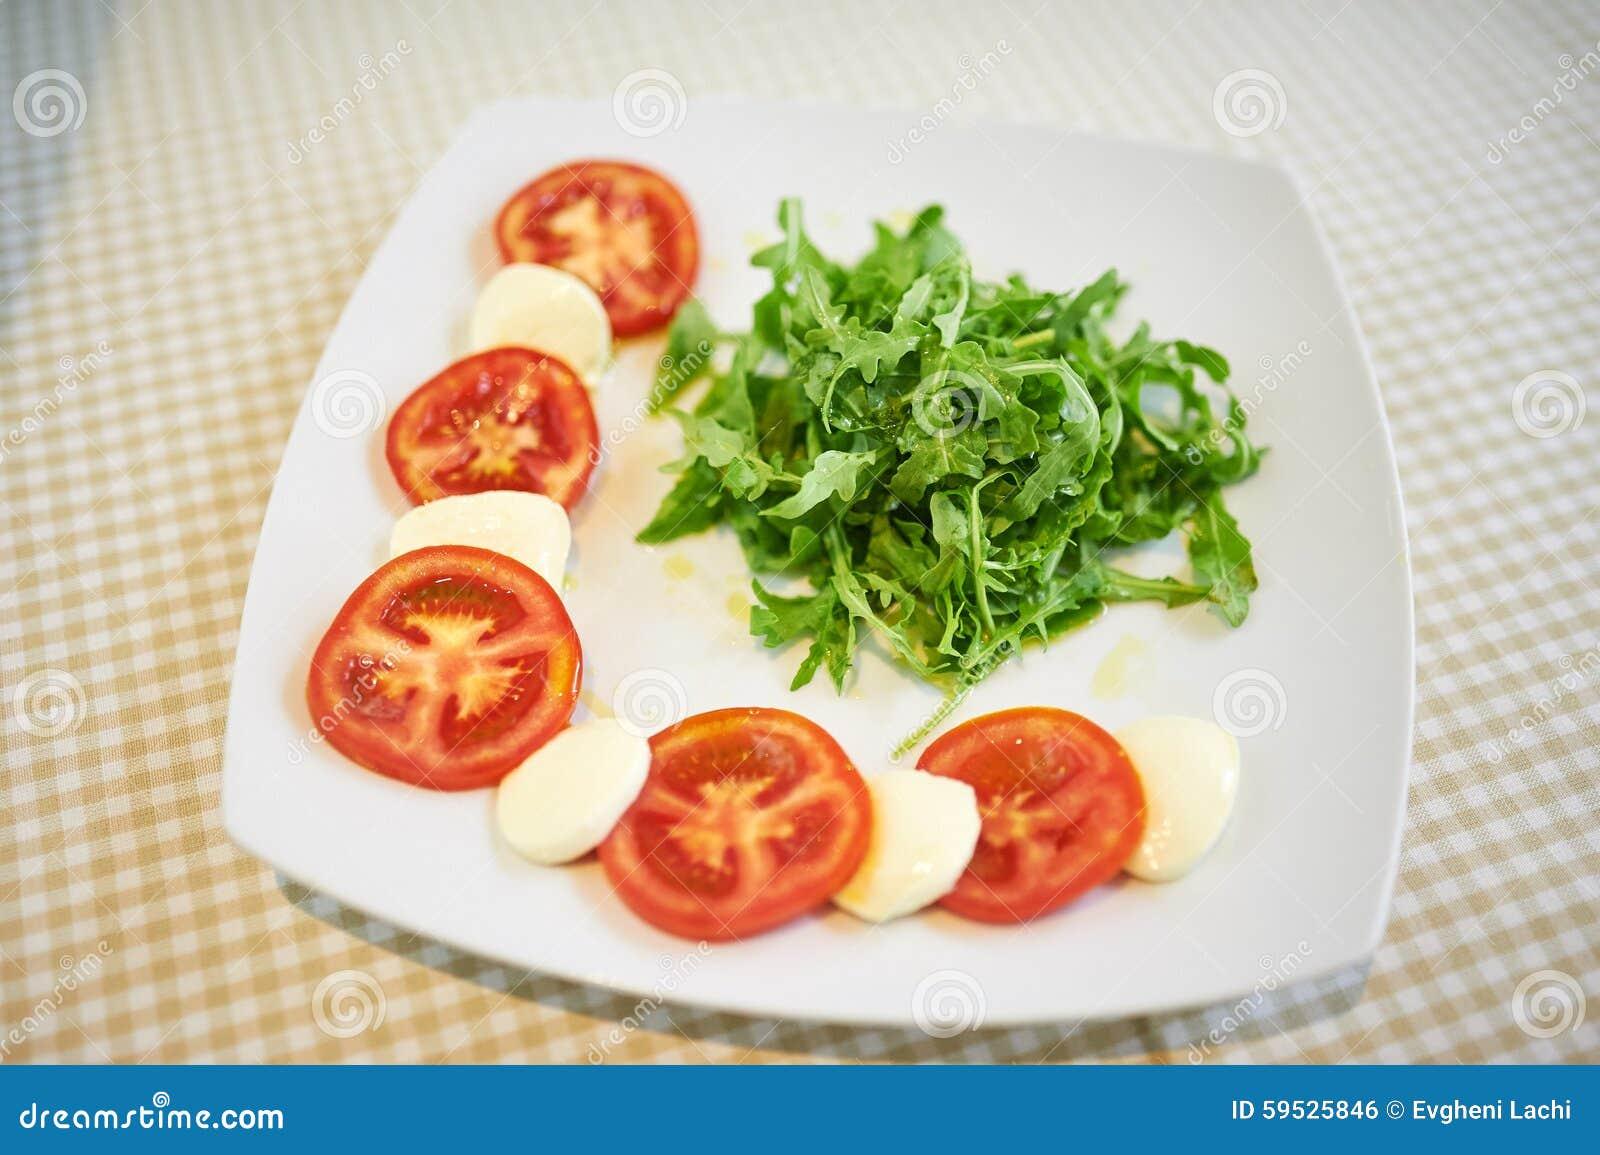 Tomato, Mozzarella and Arugula Salad recommendations